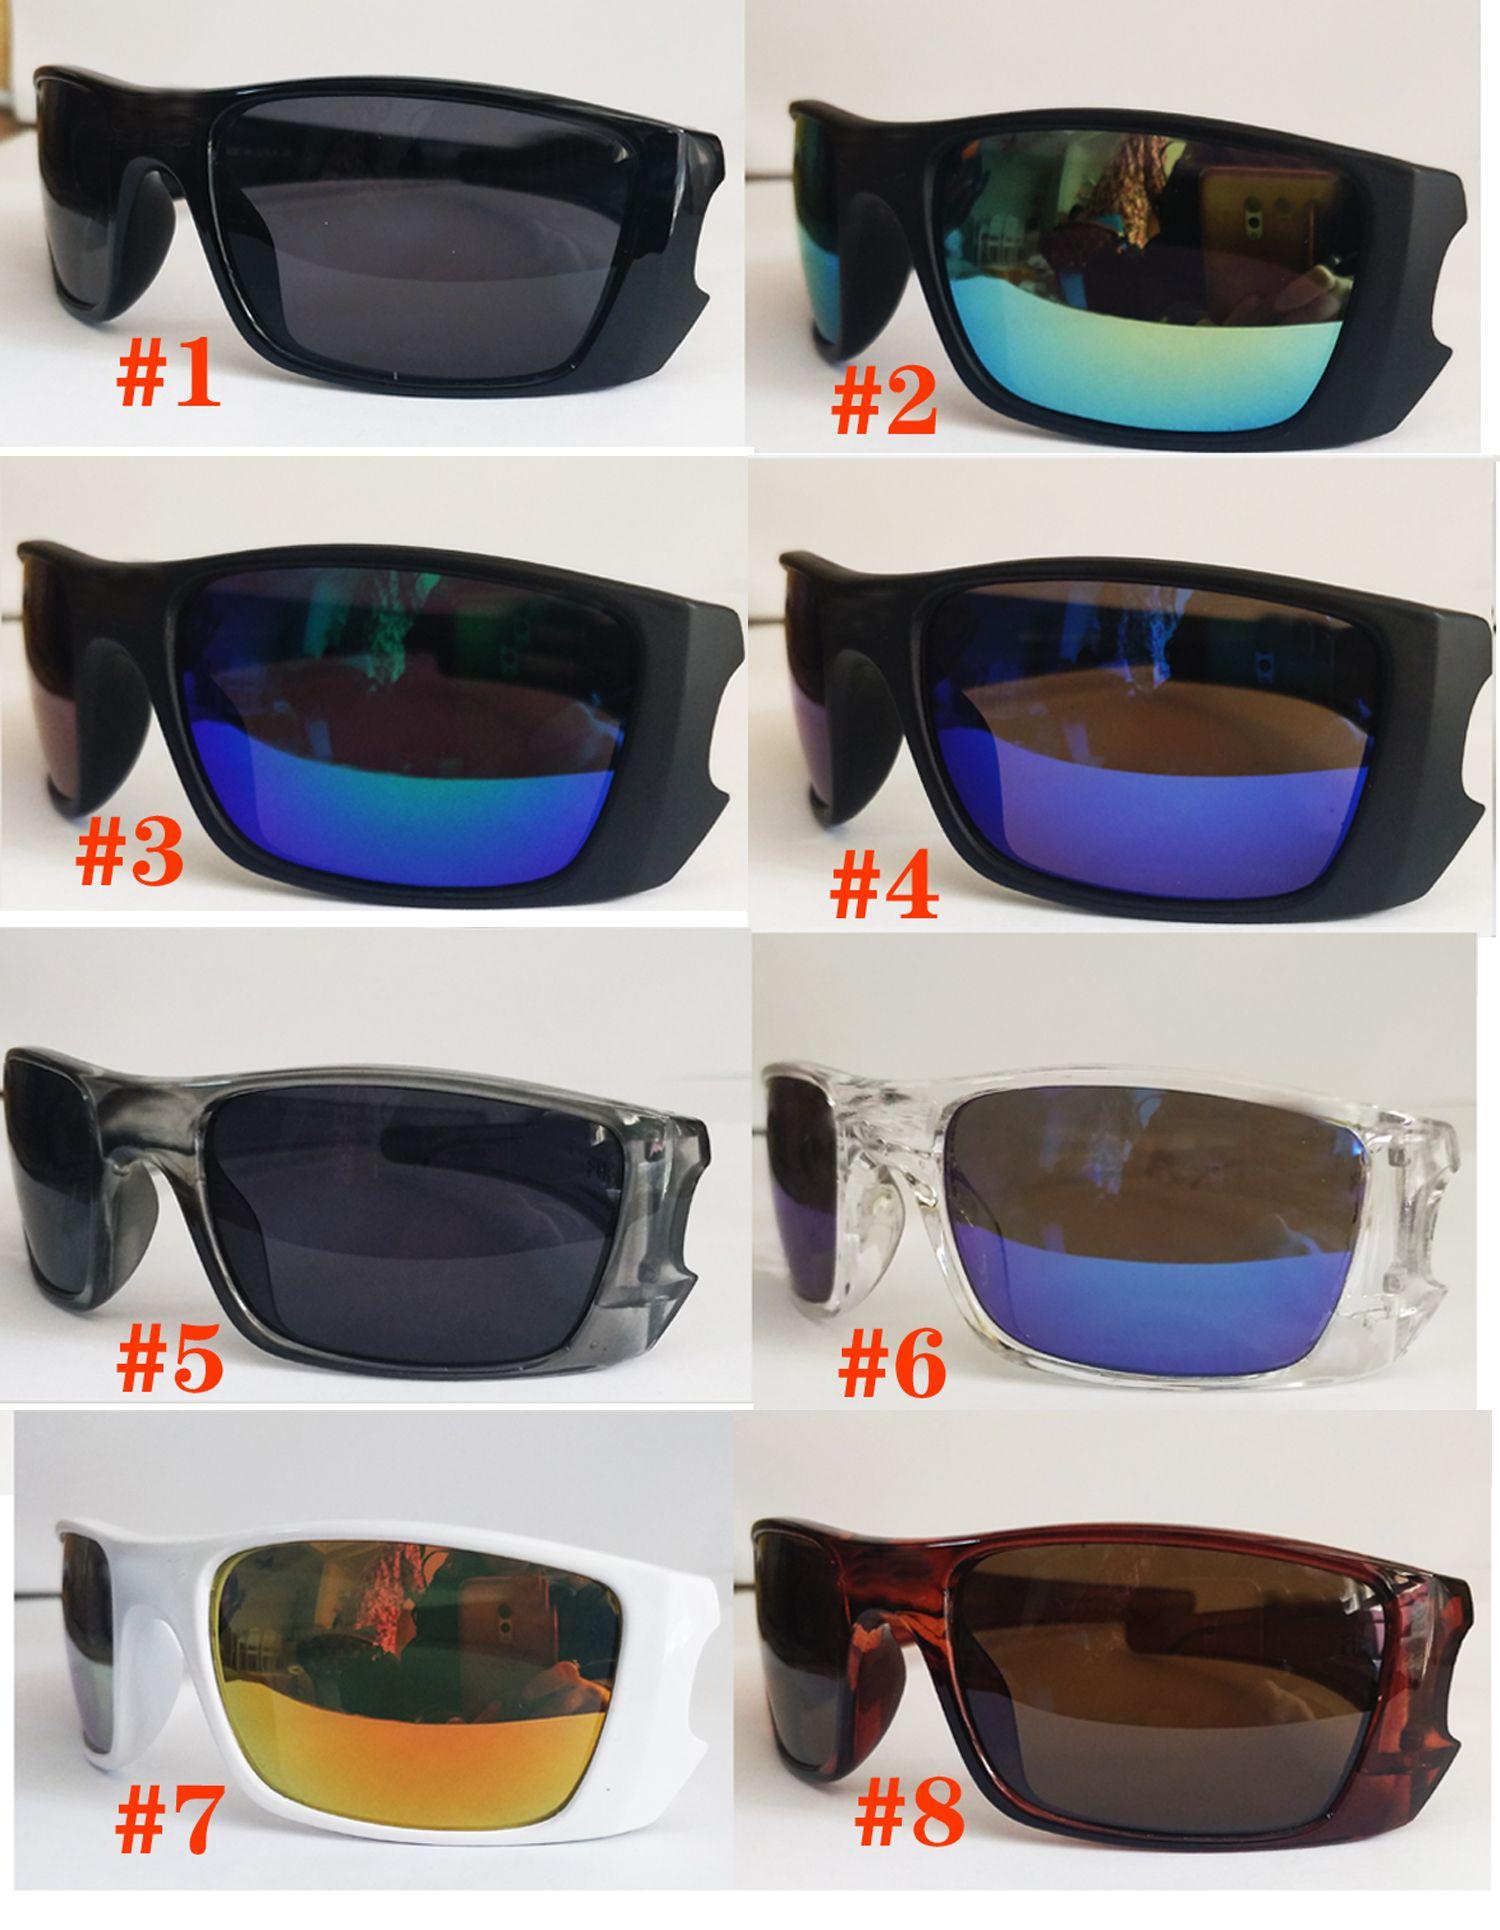 موك = 10 قطع رجل في الدراجات نظارات انبهار لون عدسة النظارات المرأة الإطار الكامل الشاطئ القيادة الشمس جلاس النظارات adumbral